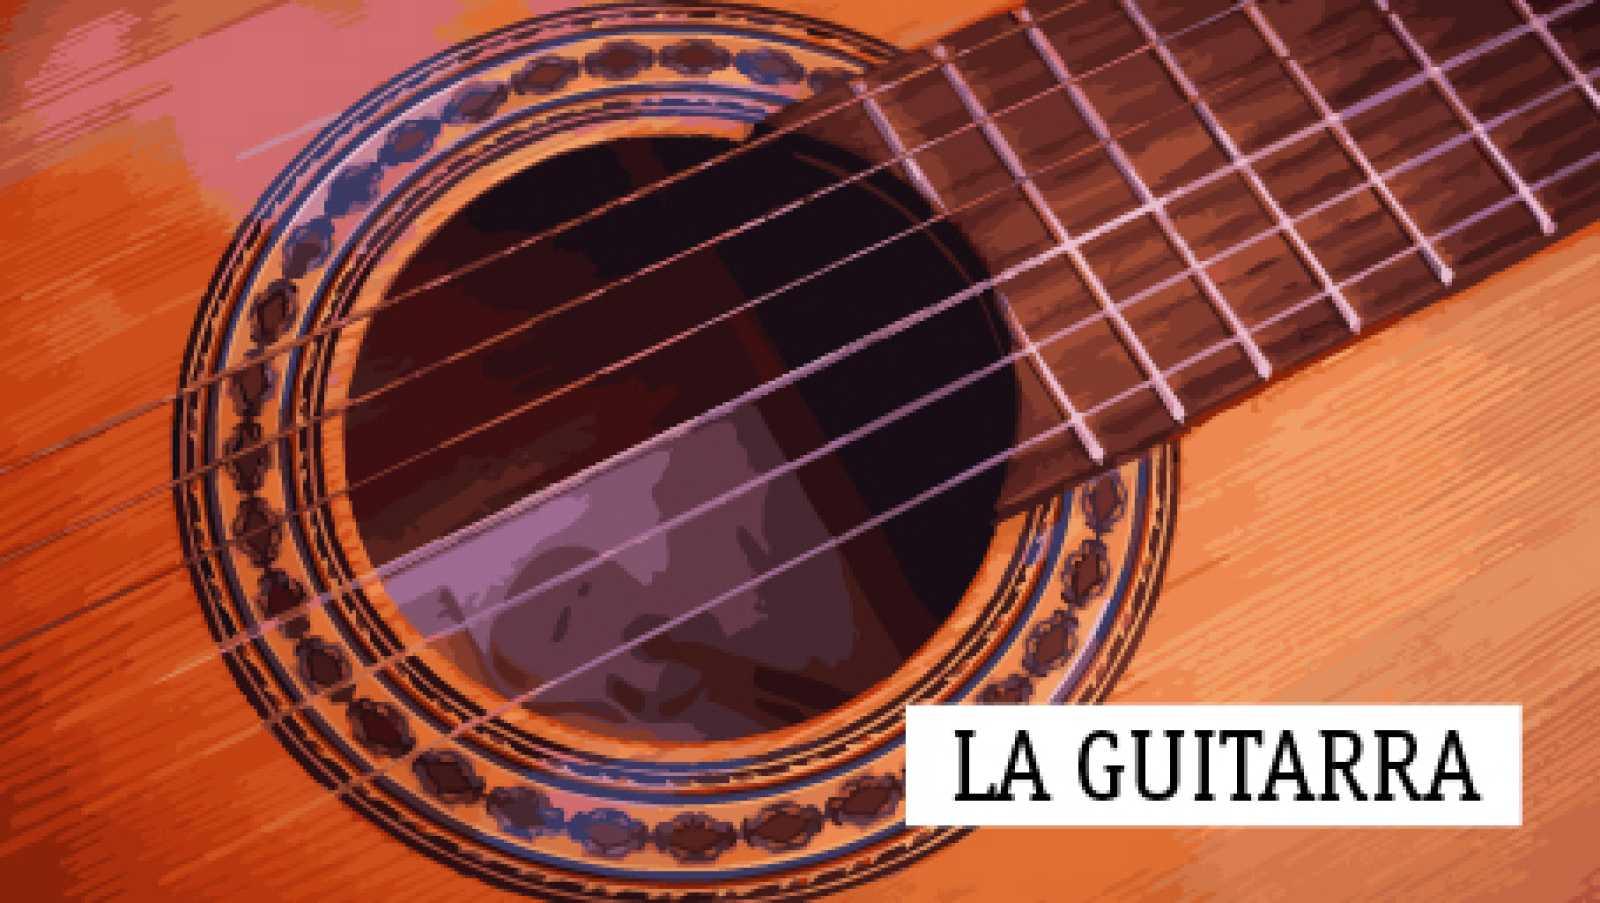 La guitarra - El guitarrista ante su obra - 17/02/19 - escuchar ahora